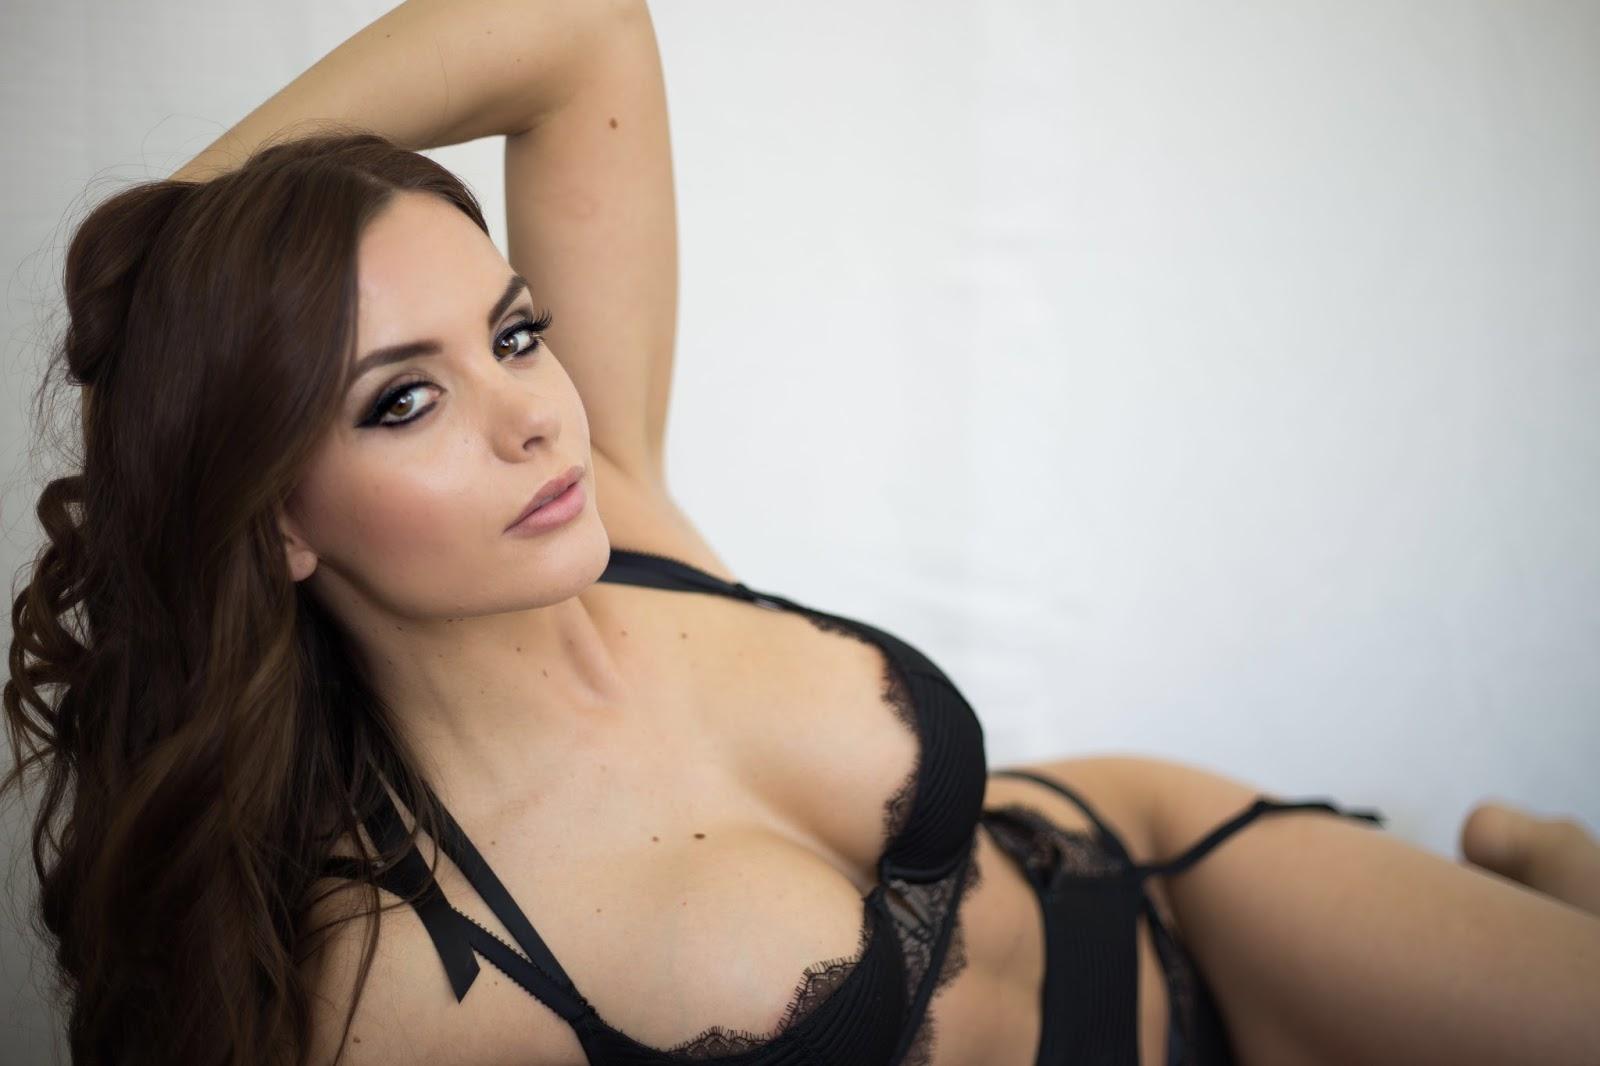 Allison Parker Model Sex Porn Video showing xxx images for alison parker snapchat xxx   www